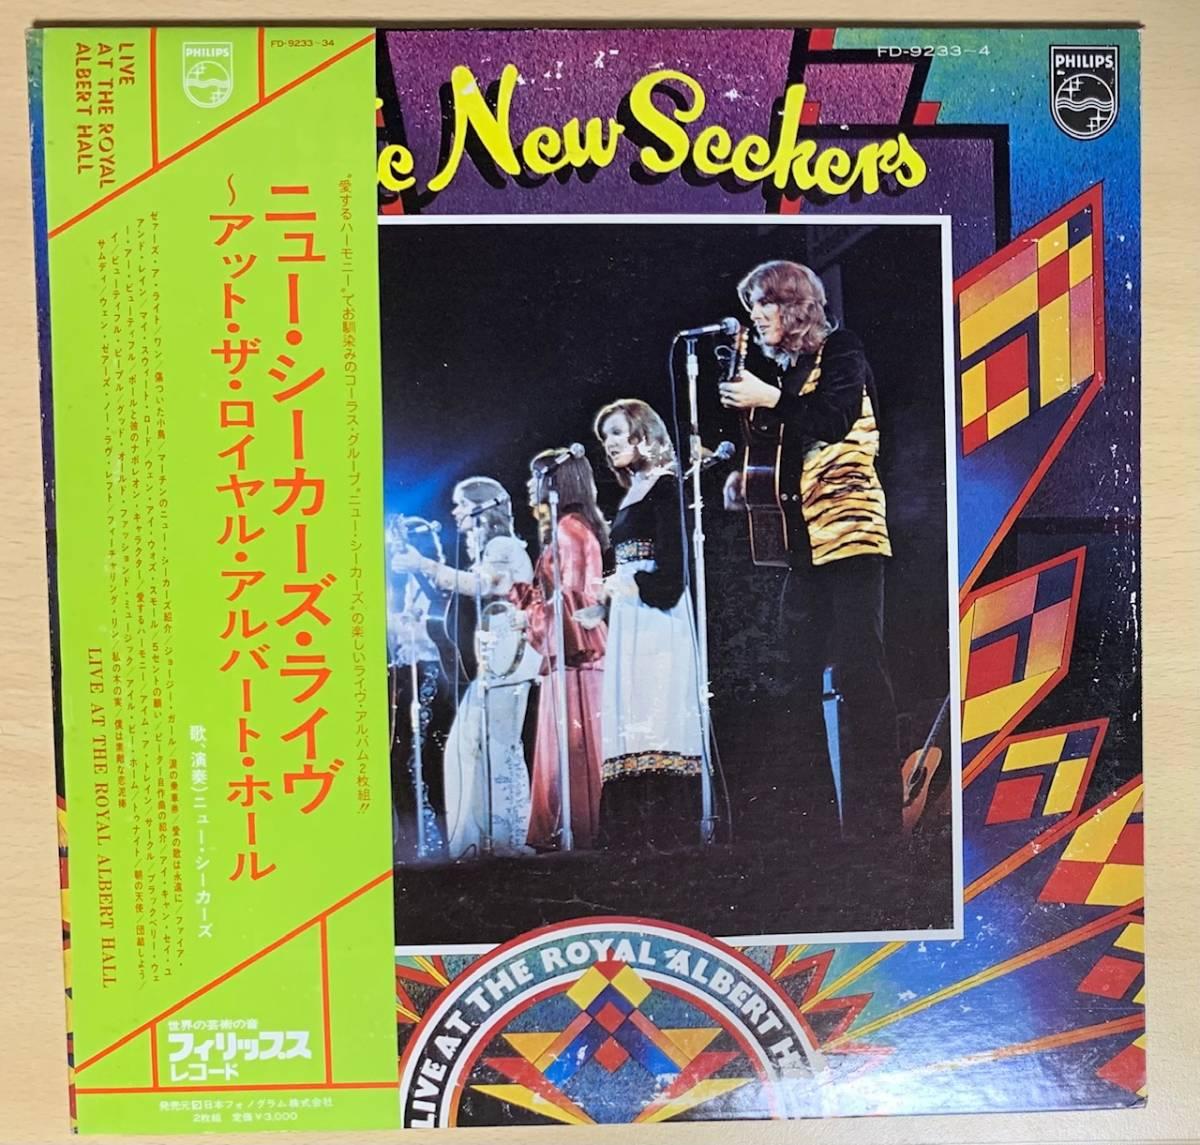 ニュー・シーカーズ・ライヴ アット・ザ・ロイヤル・アルバート・ホール LP FD-9223 レア帯